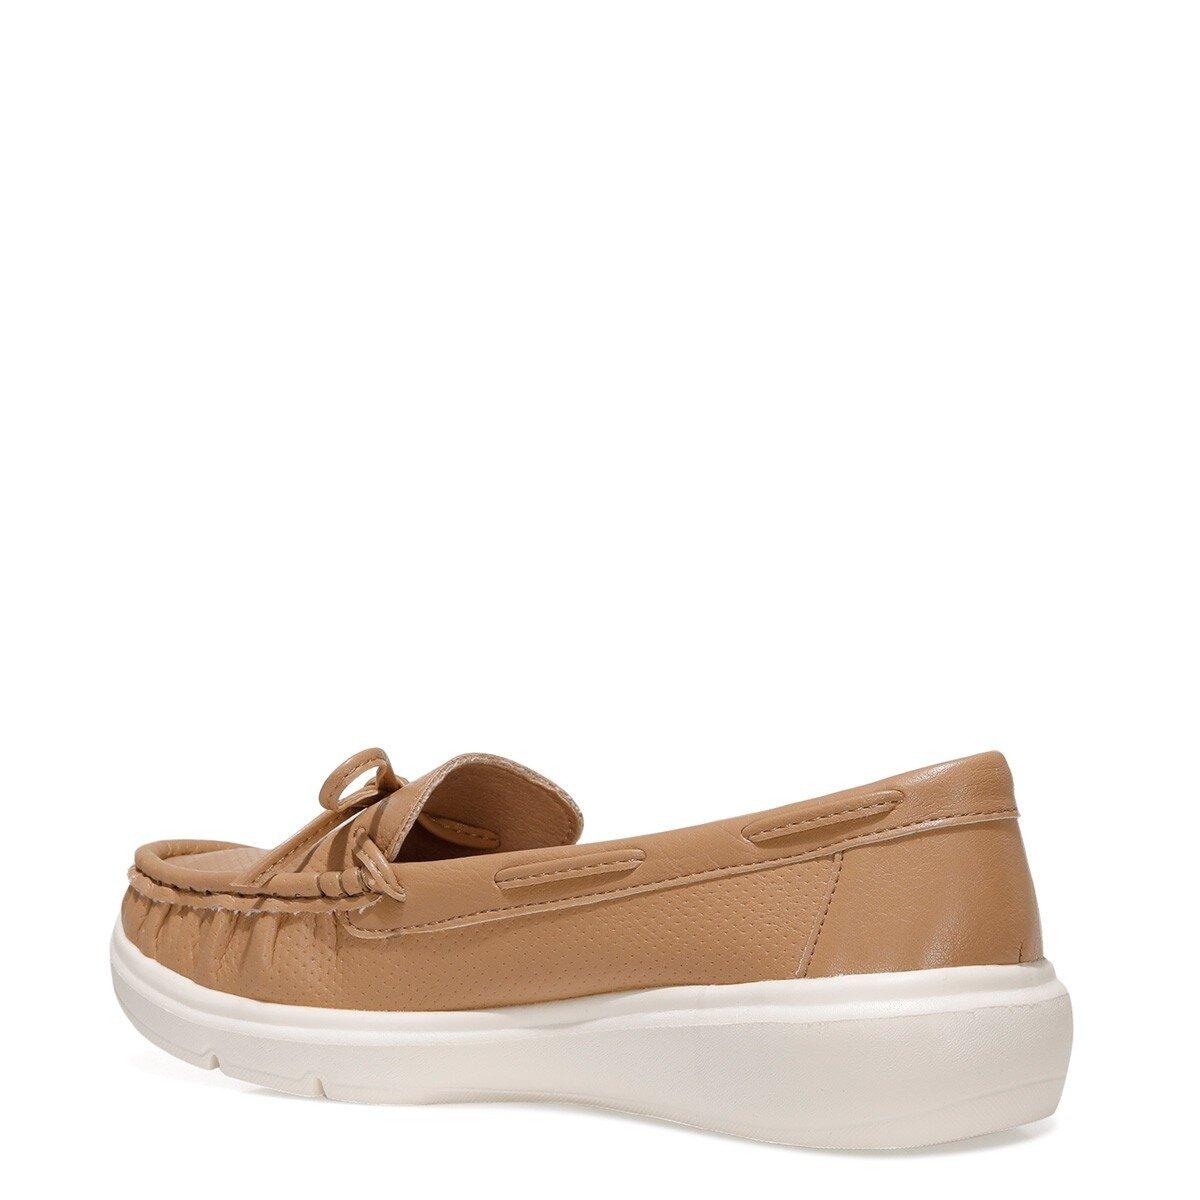 BRODY 1FX Pembe Kadın Loafer Ayakkabı